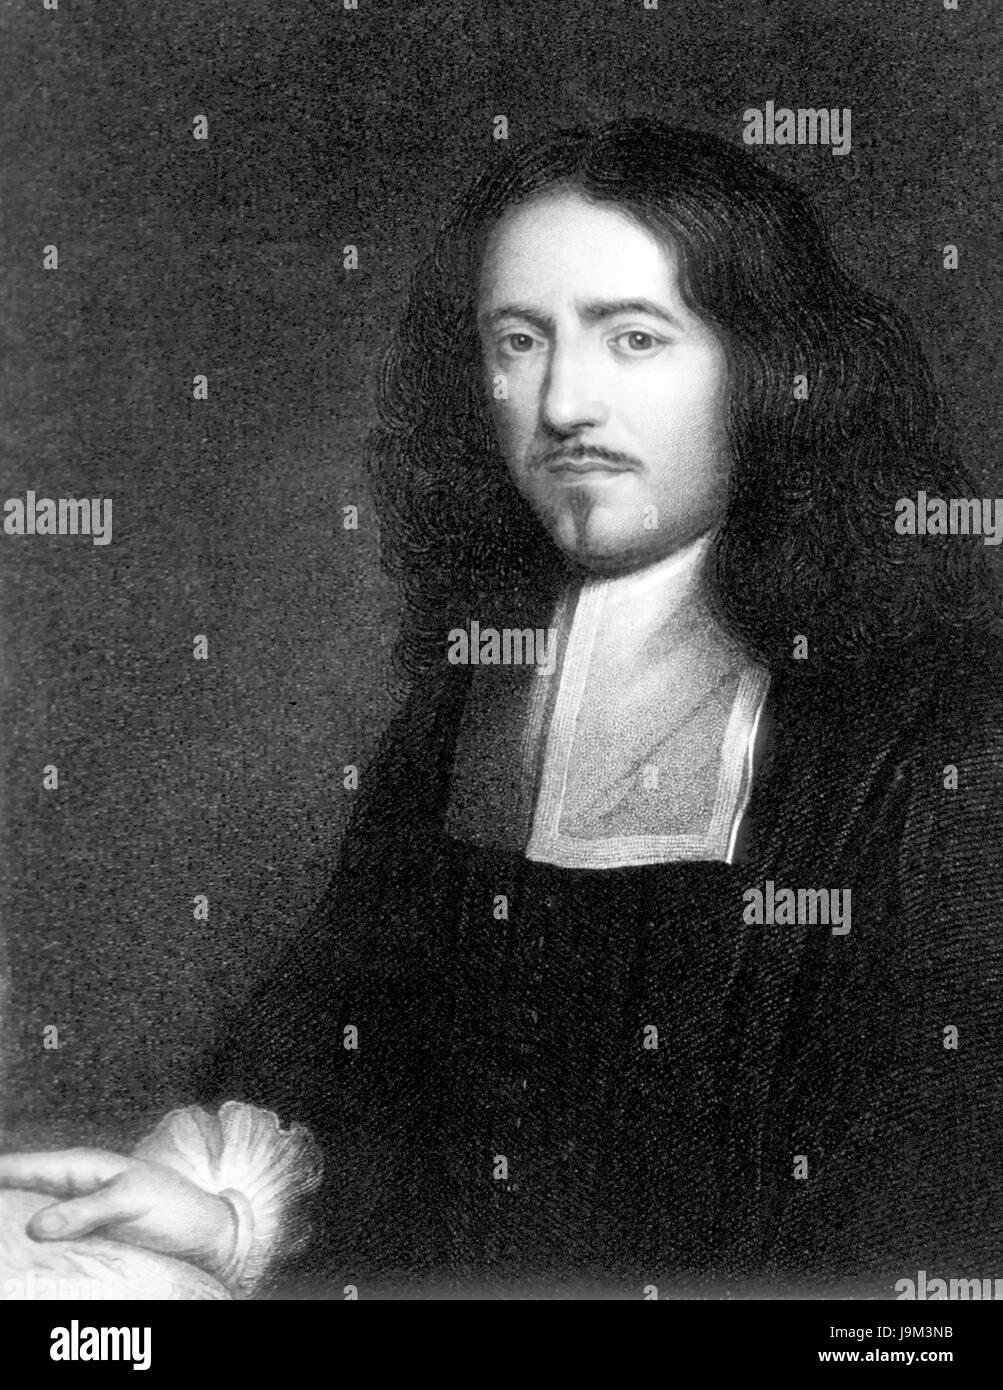 MARCELLO Malpighi (1628-1694) Italiano medico e biologo Immagini Stock